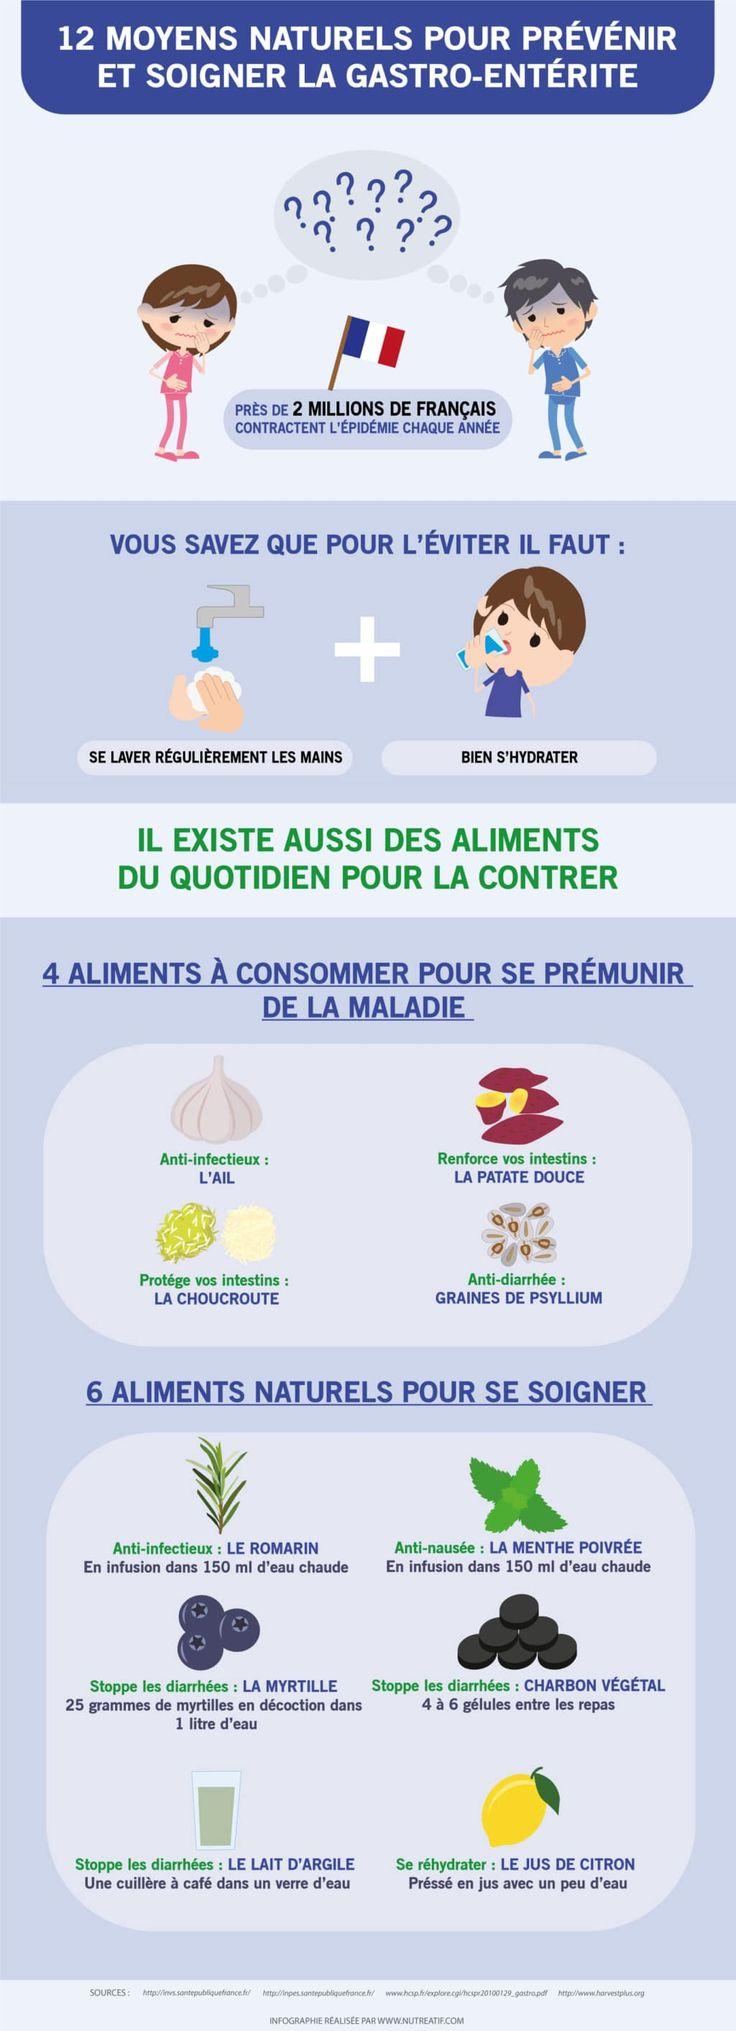 Chaque année la gastro-entérite s'abat sur près de deux millions de Français selon les consultations médicales enregistrées. Ce virus bénin apparait le plus souvent après les fêtes de fin d'année mais il fait parfois exception